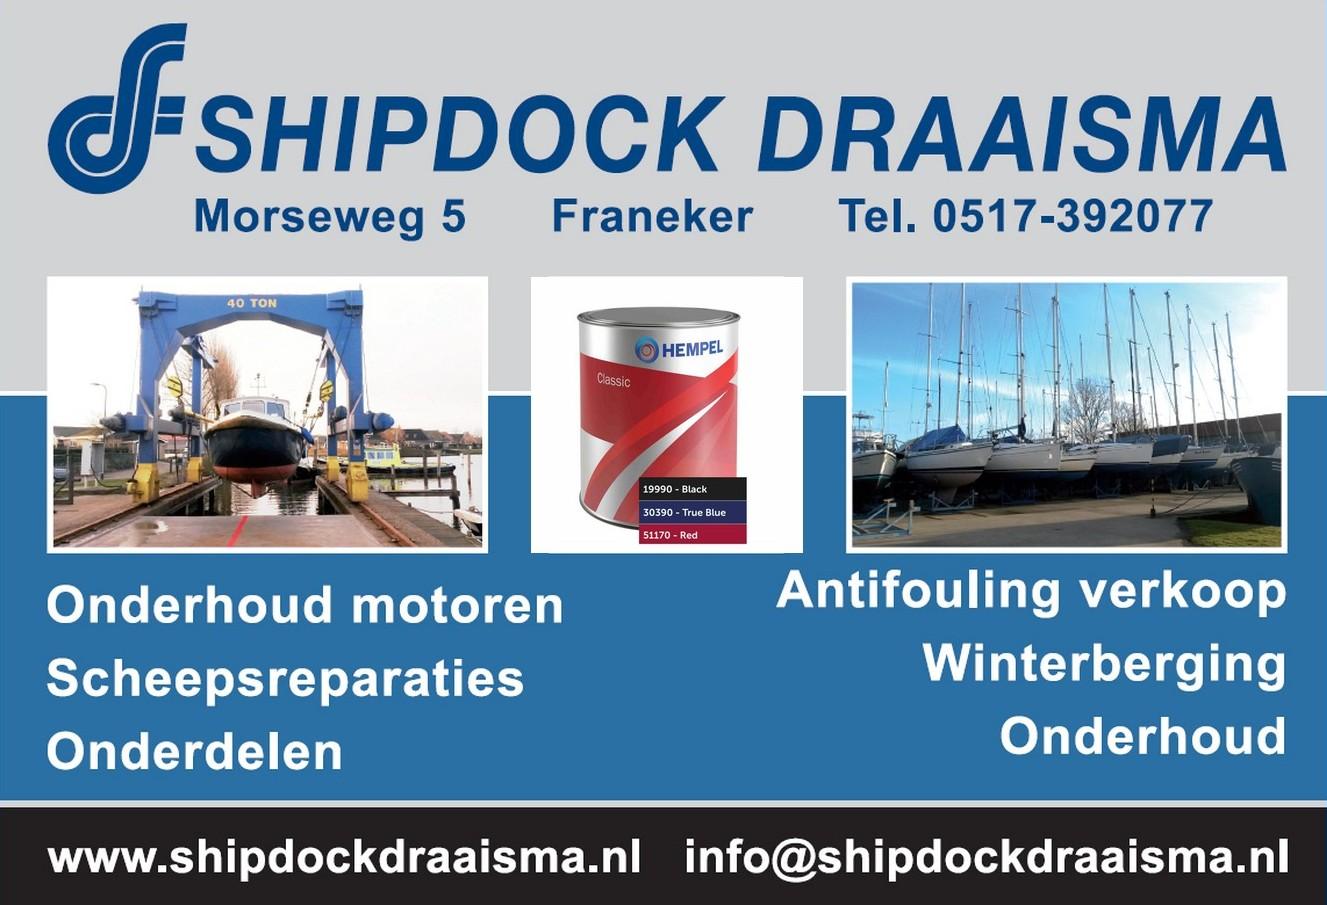 Adv-shipdocdraaisma